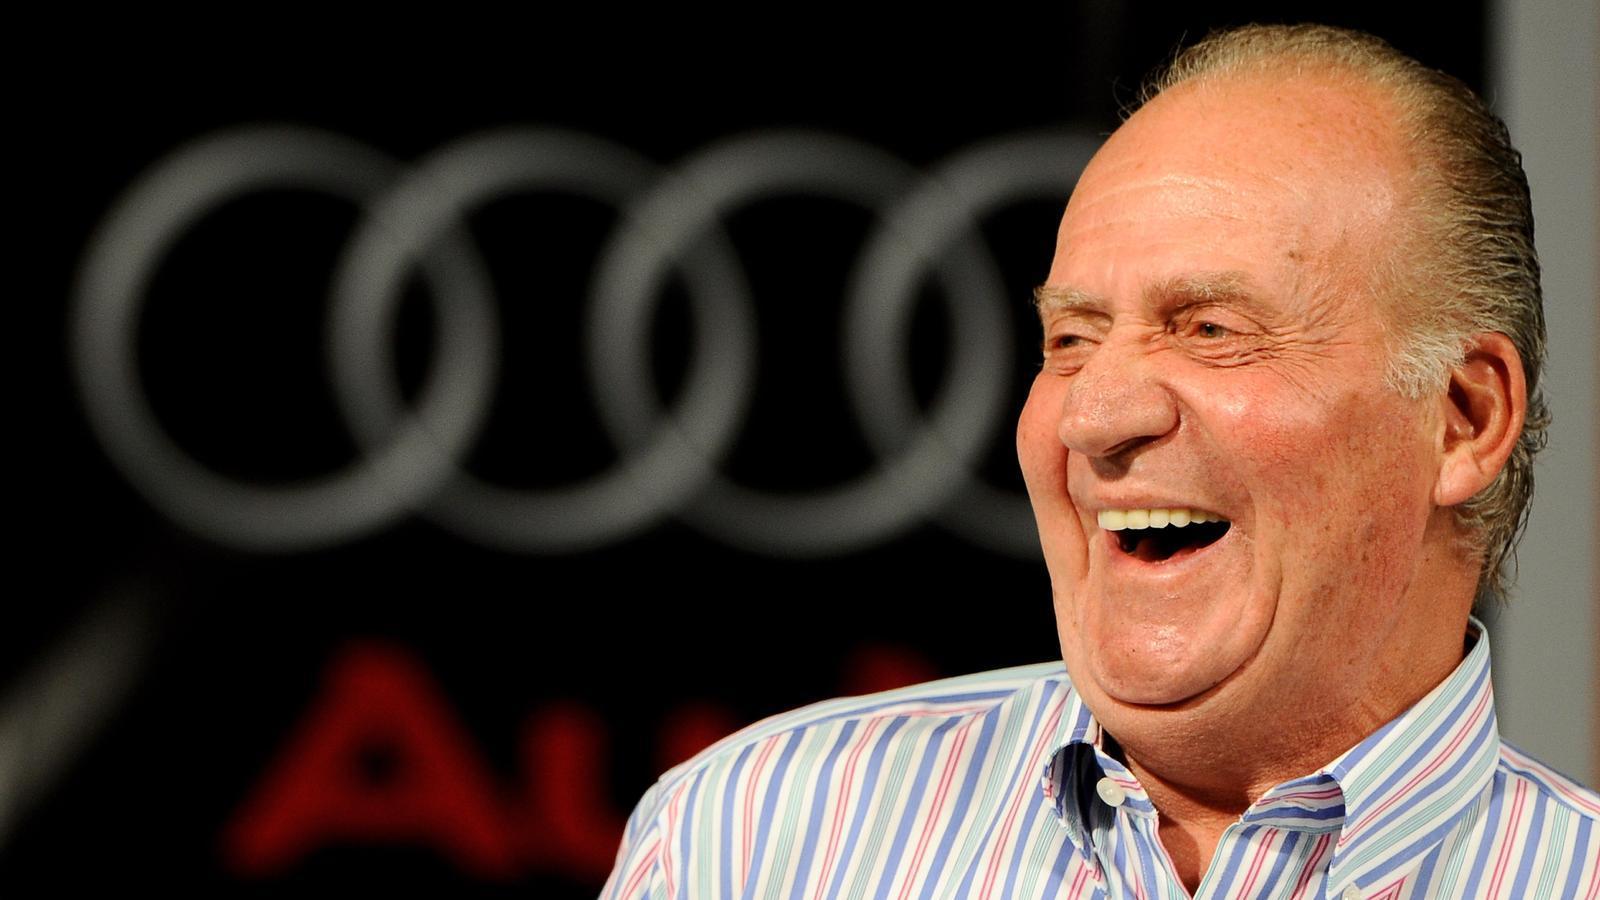 'Que le quiten lo bailao' a Joan Carles I